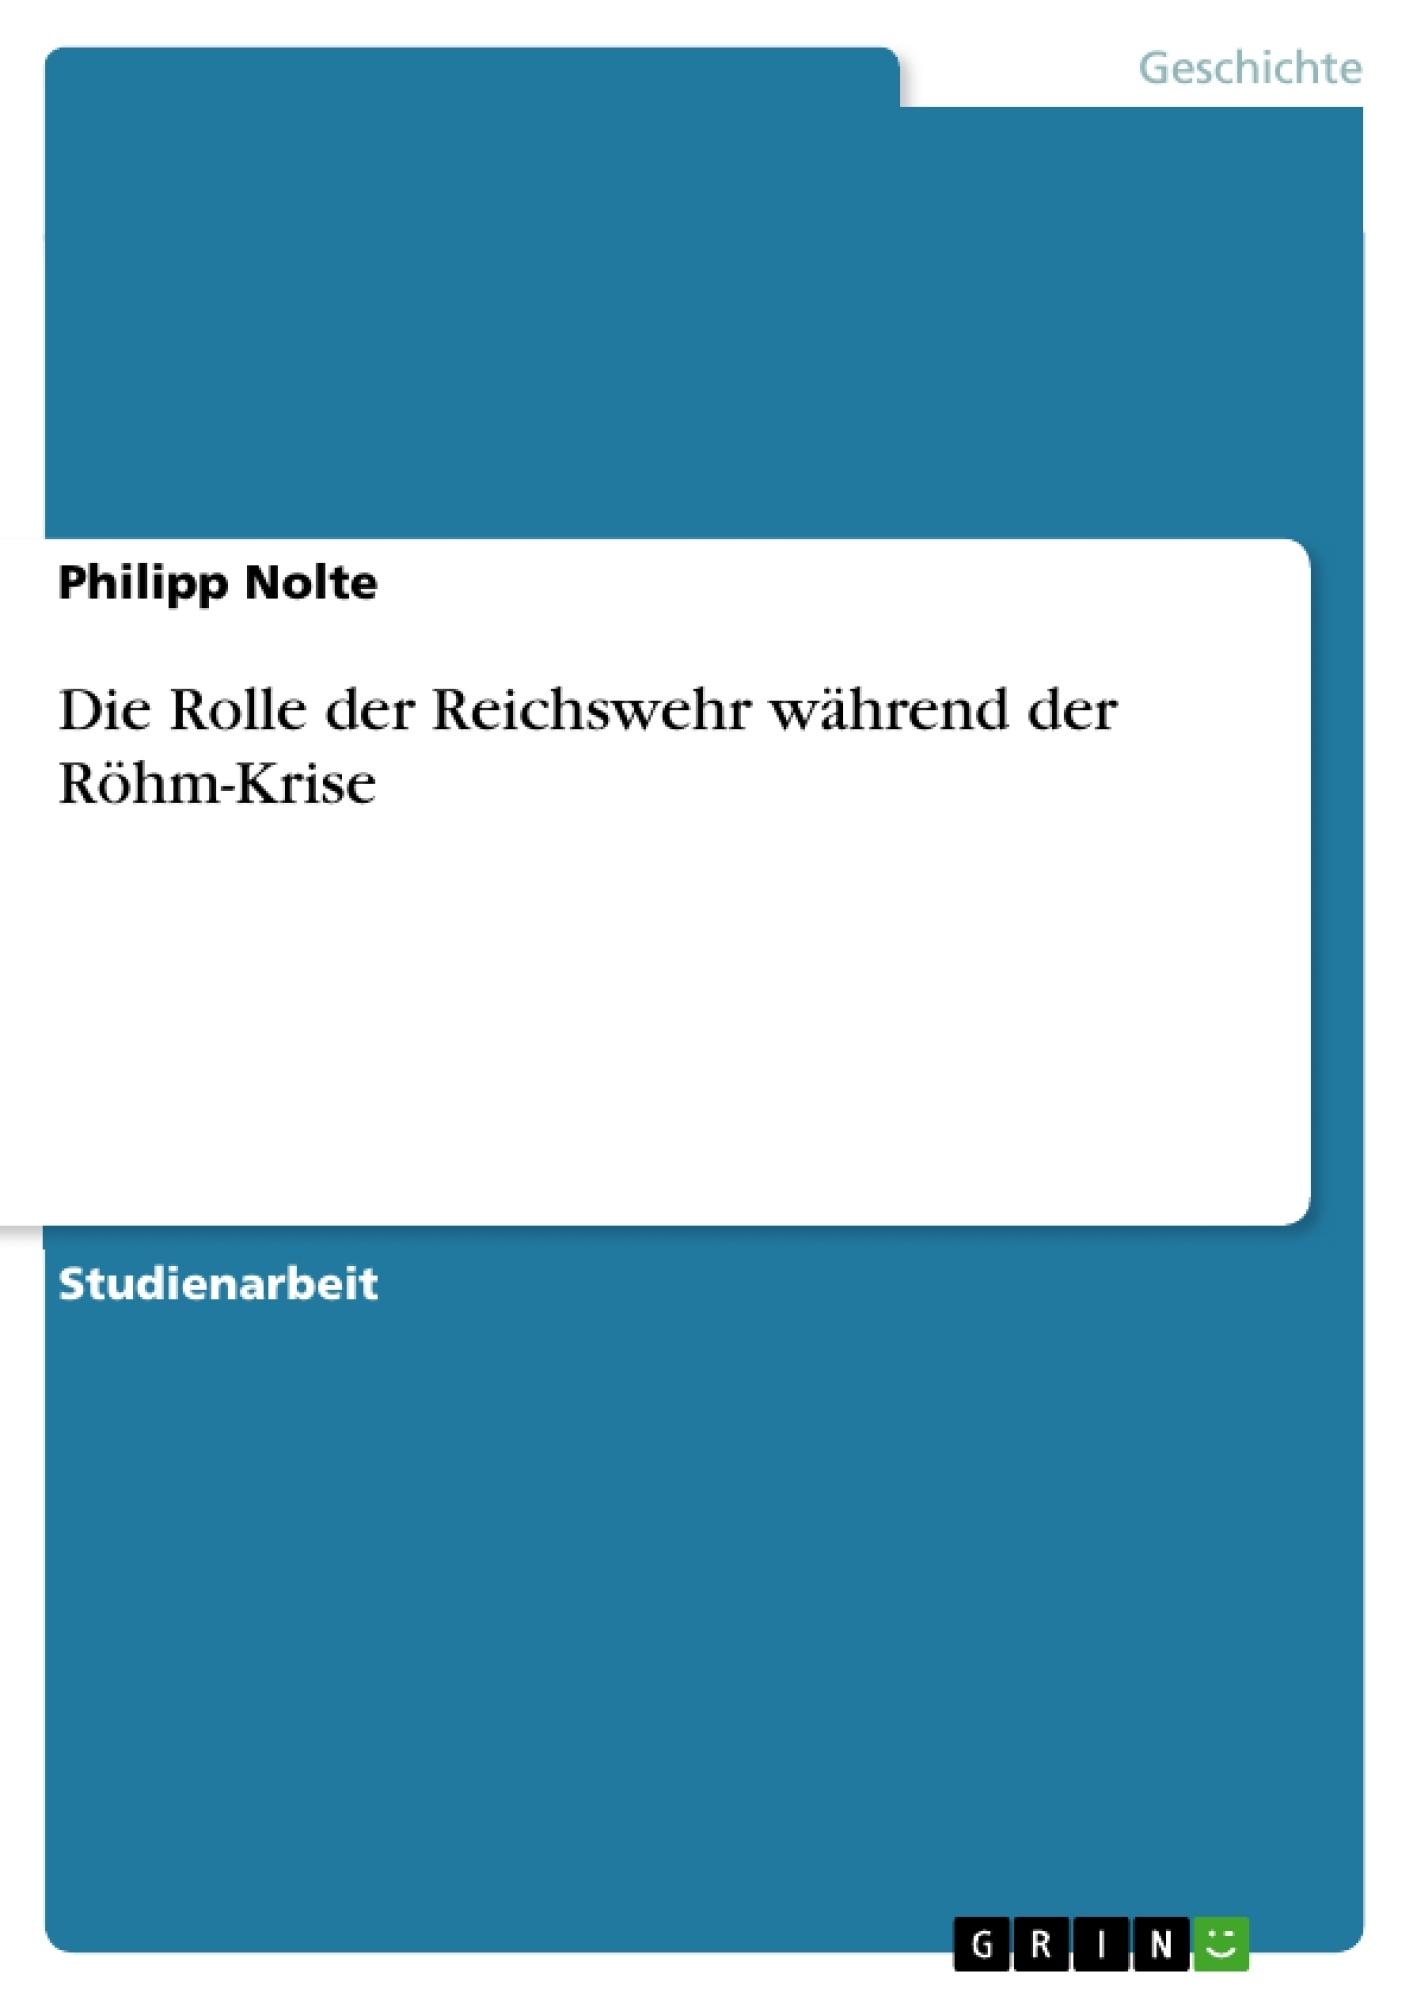 Titel: Die Rolle der Reichswehr während der Röhm-Krise